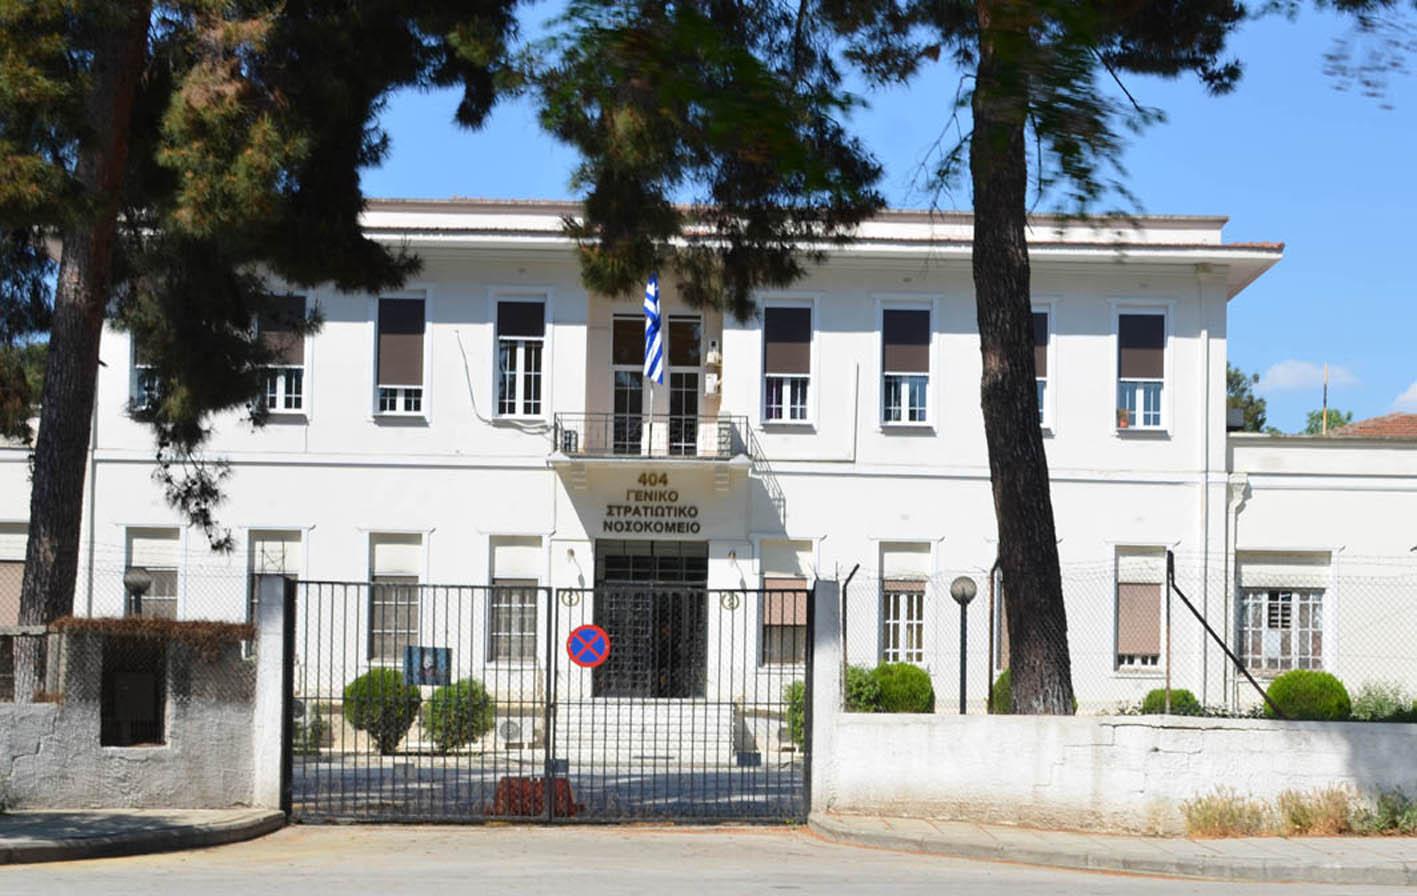 Άνοιξαν ραντεβού στο Mega Εμβολιαστικό Κέντρο της Λάρισας